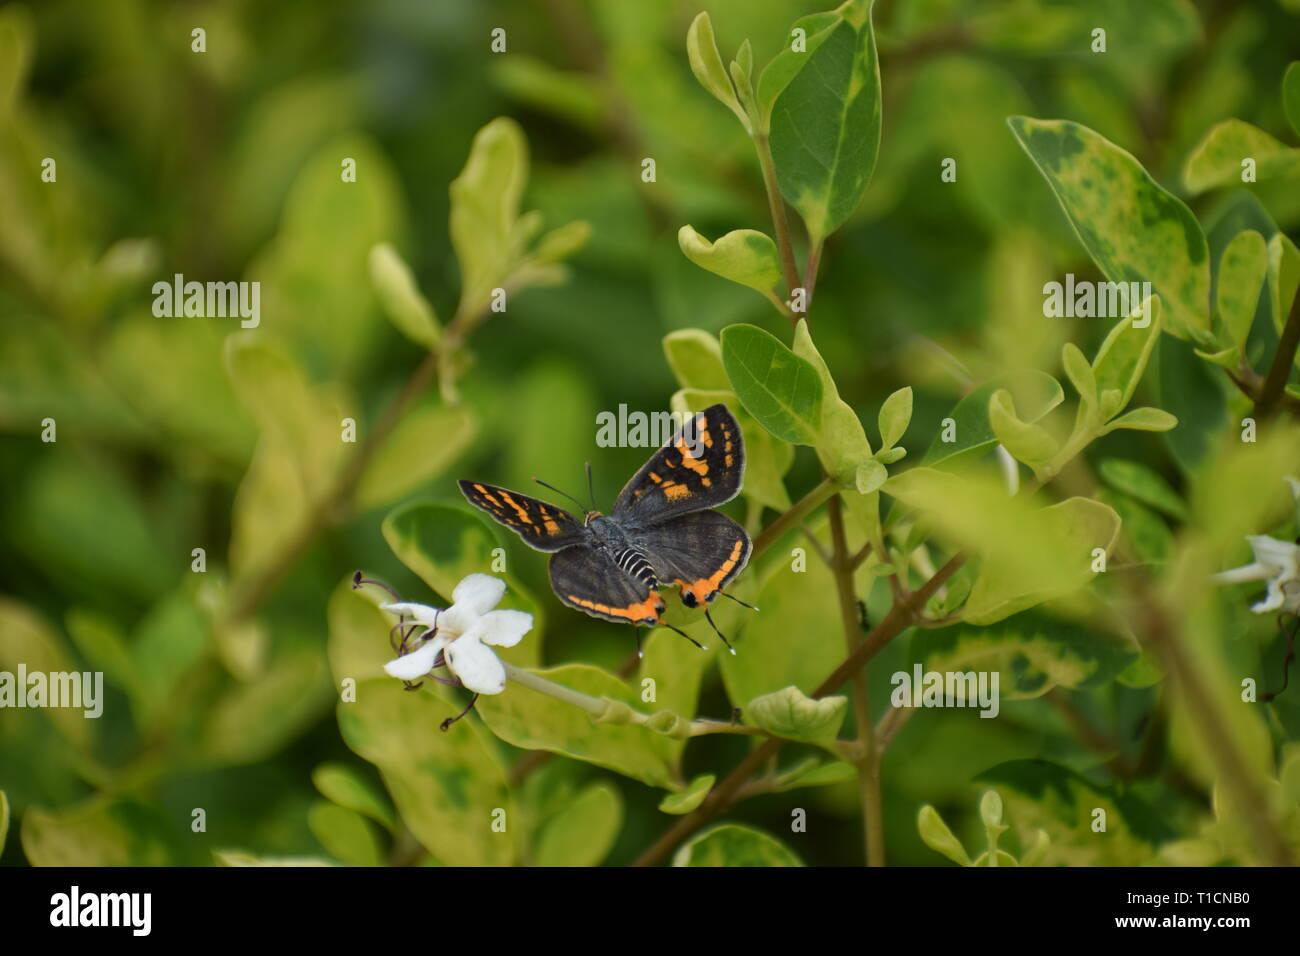 Arancio e nero butterfly flying attraverso foglie Immagini Stock